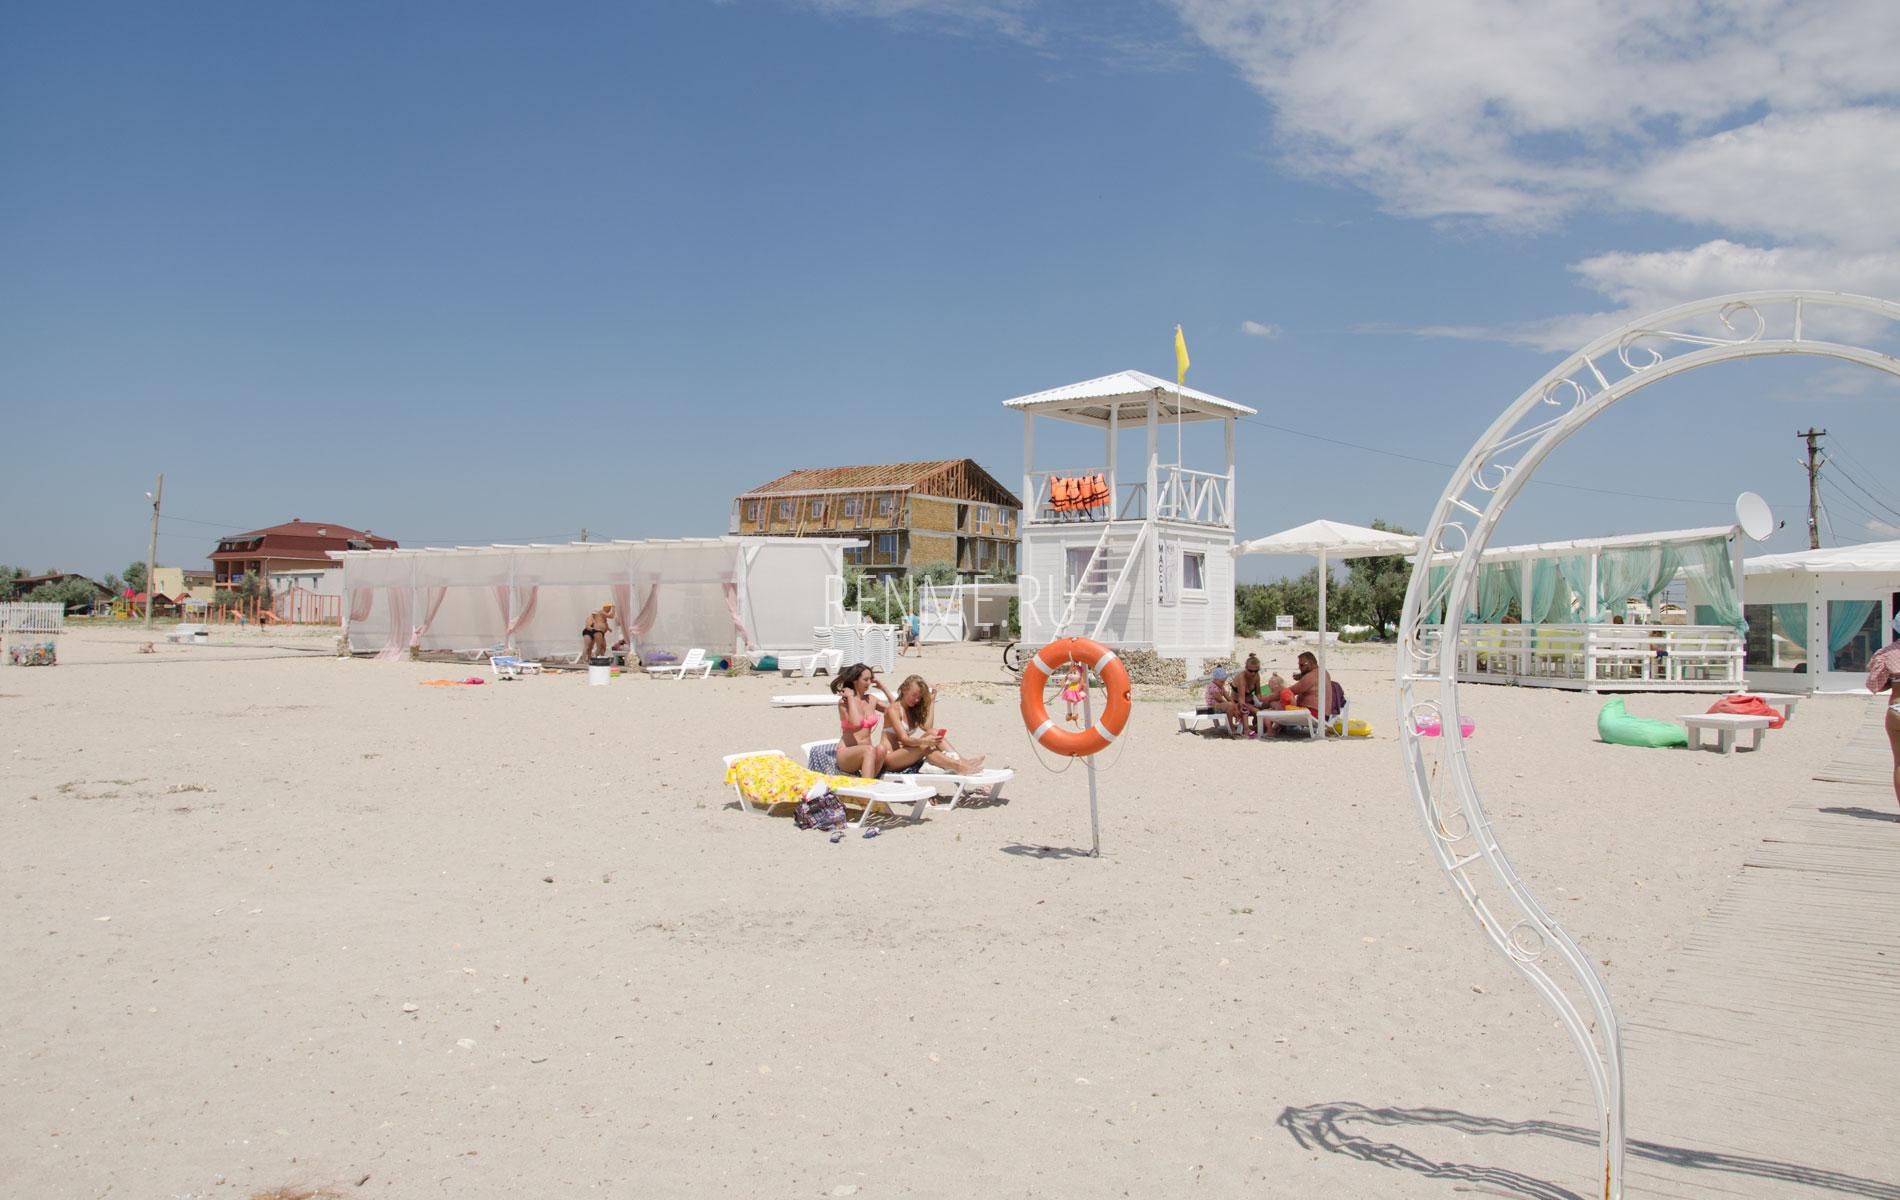 Песчаный пляж в Штормовом с бунгало. Фото Штормового